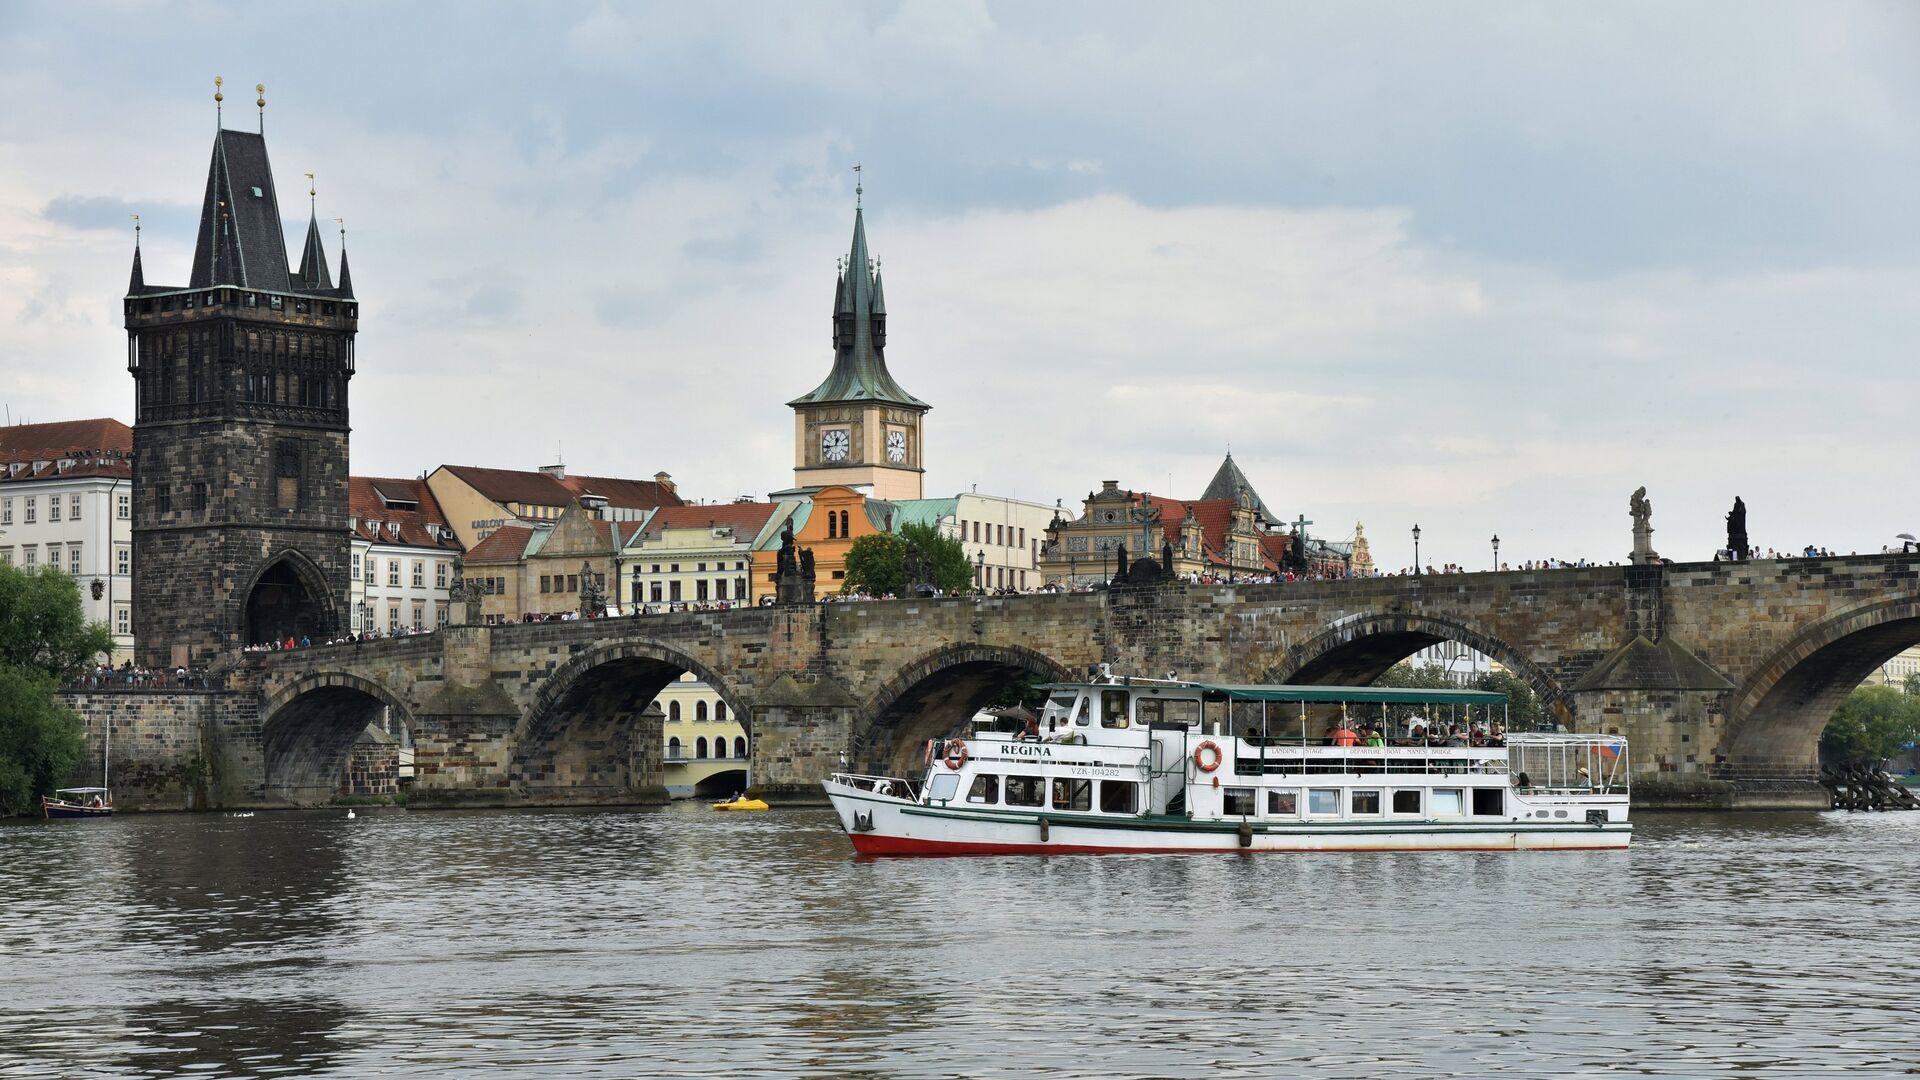 Карлов мост и Староместская мостовая башня в Праге - РИА Новости, 1920, 04.03.2021